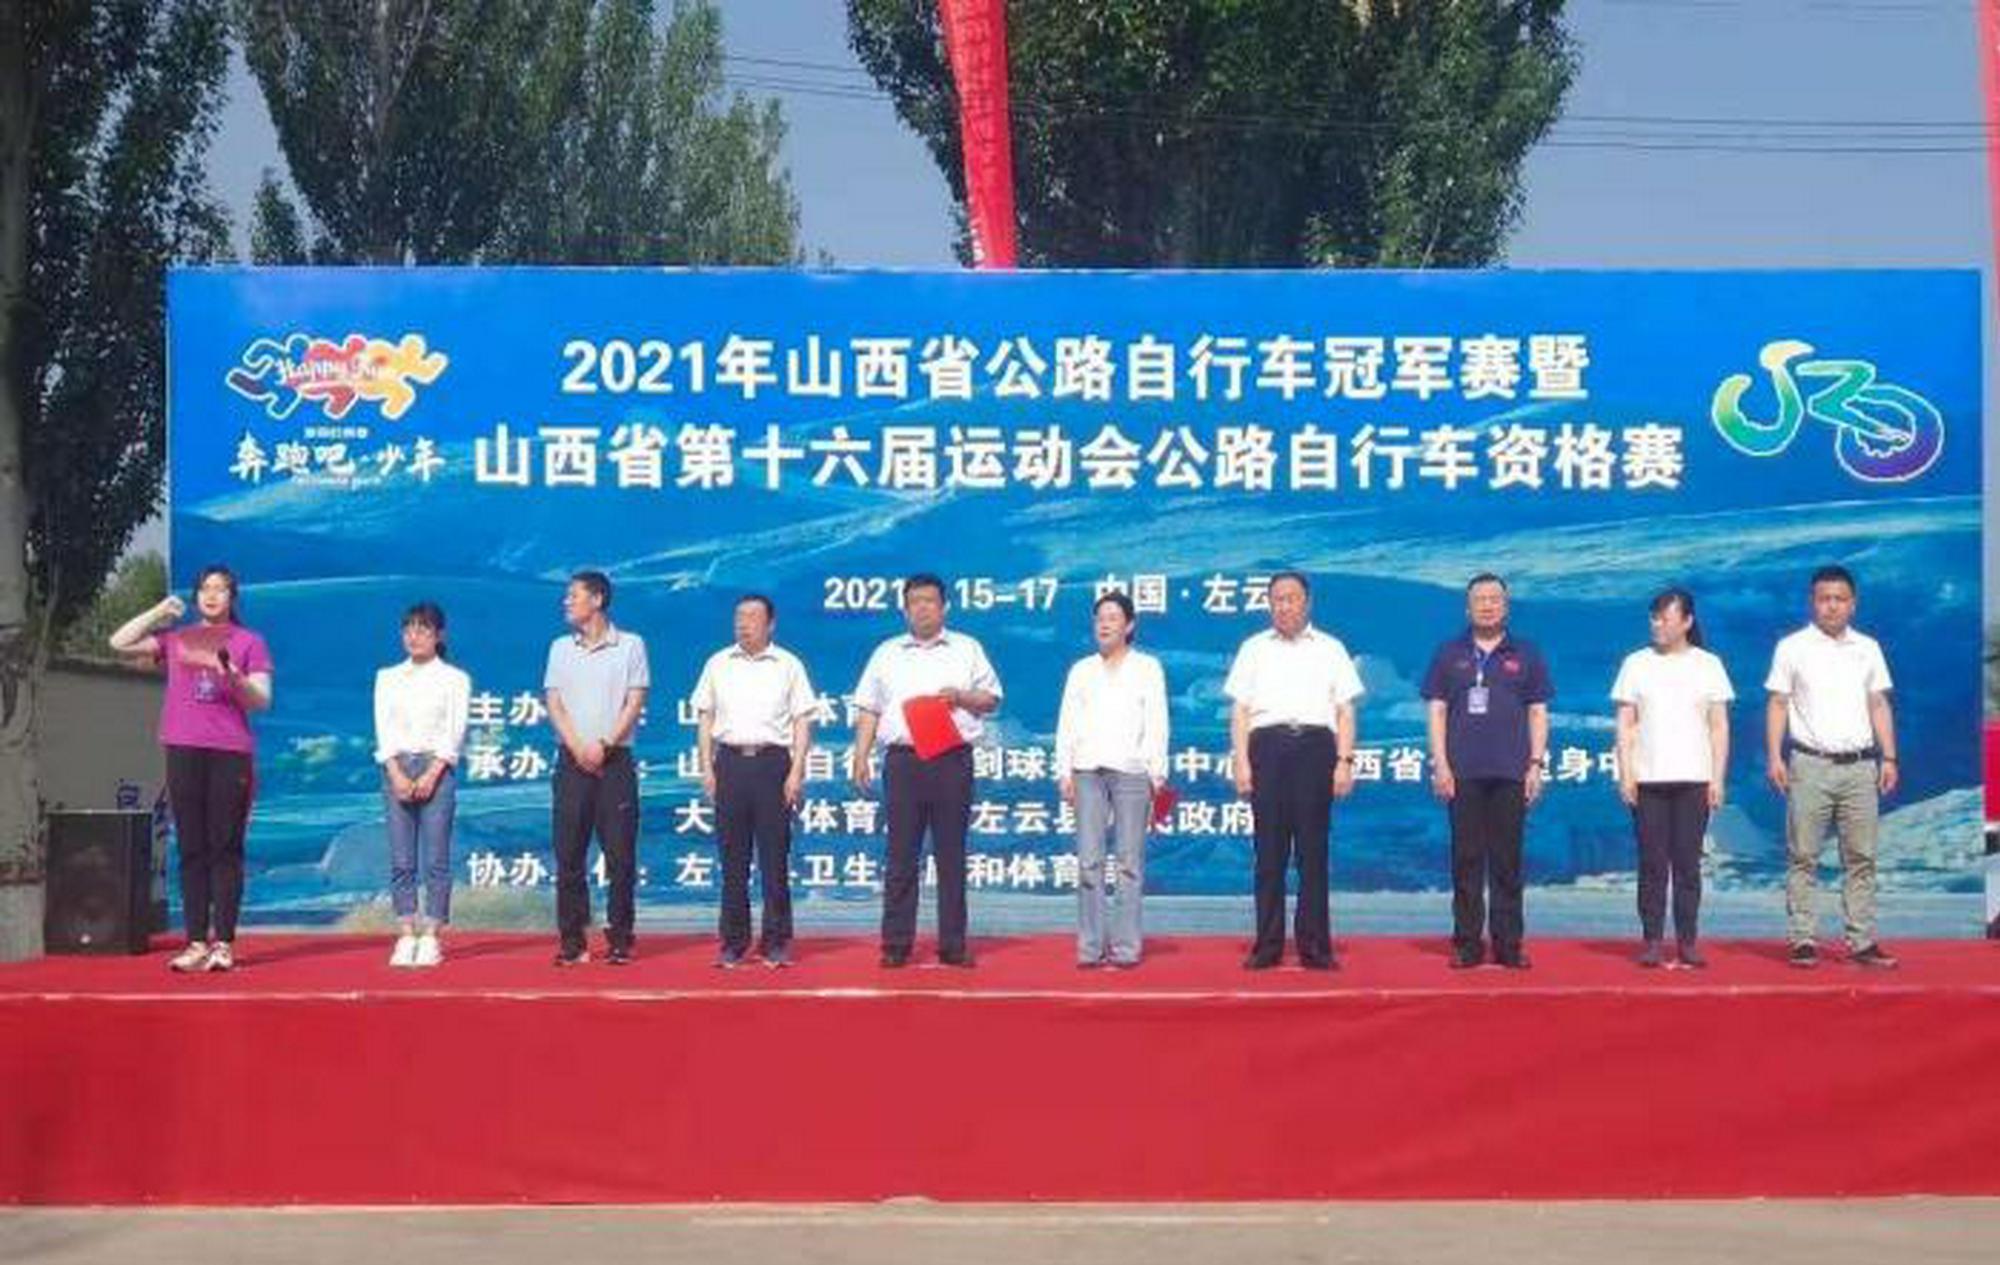 明长城下竞技 2021山西省公路自行车冠军赛开赛